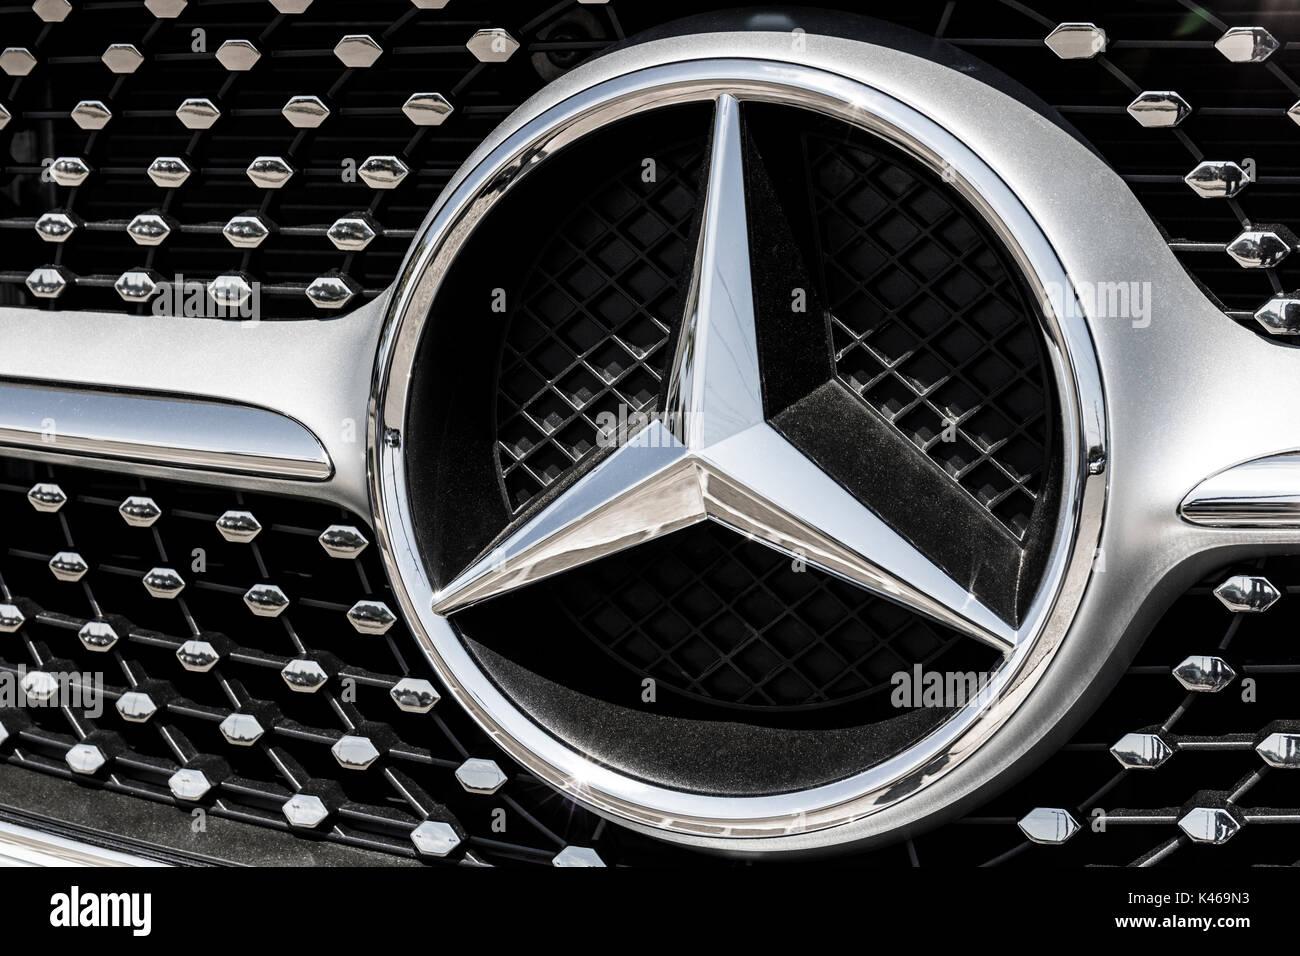 Indianápolis   Cerca De Agosto 2017: Mercedes Benz Logotipo. A Mercedes Benz  é Um Fabricante Automóvel Global E Uma Divisão Da Daimler AG IV